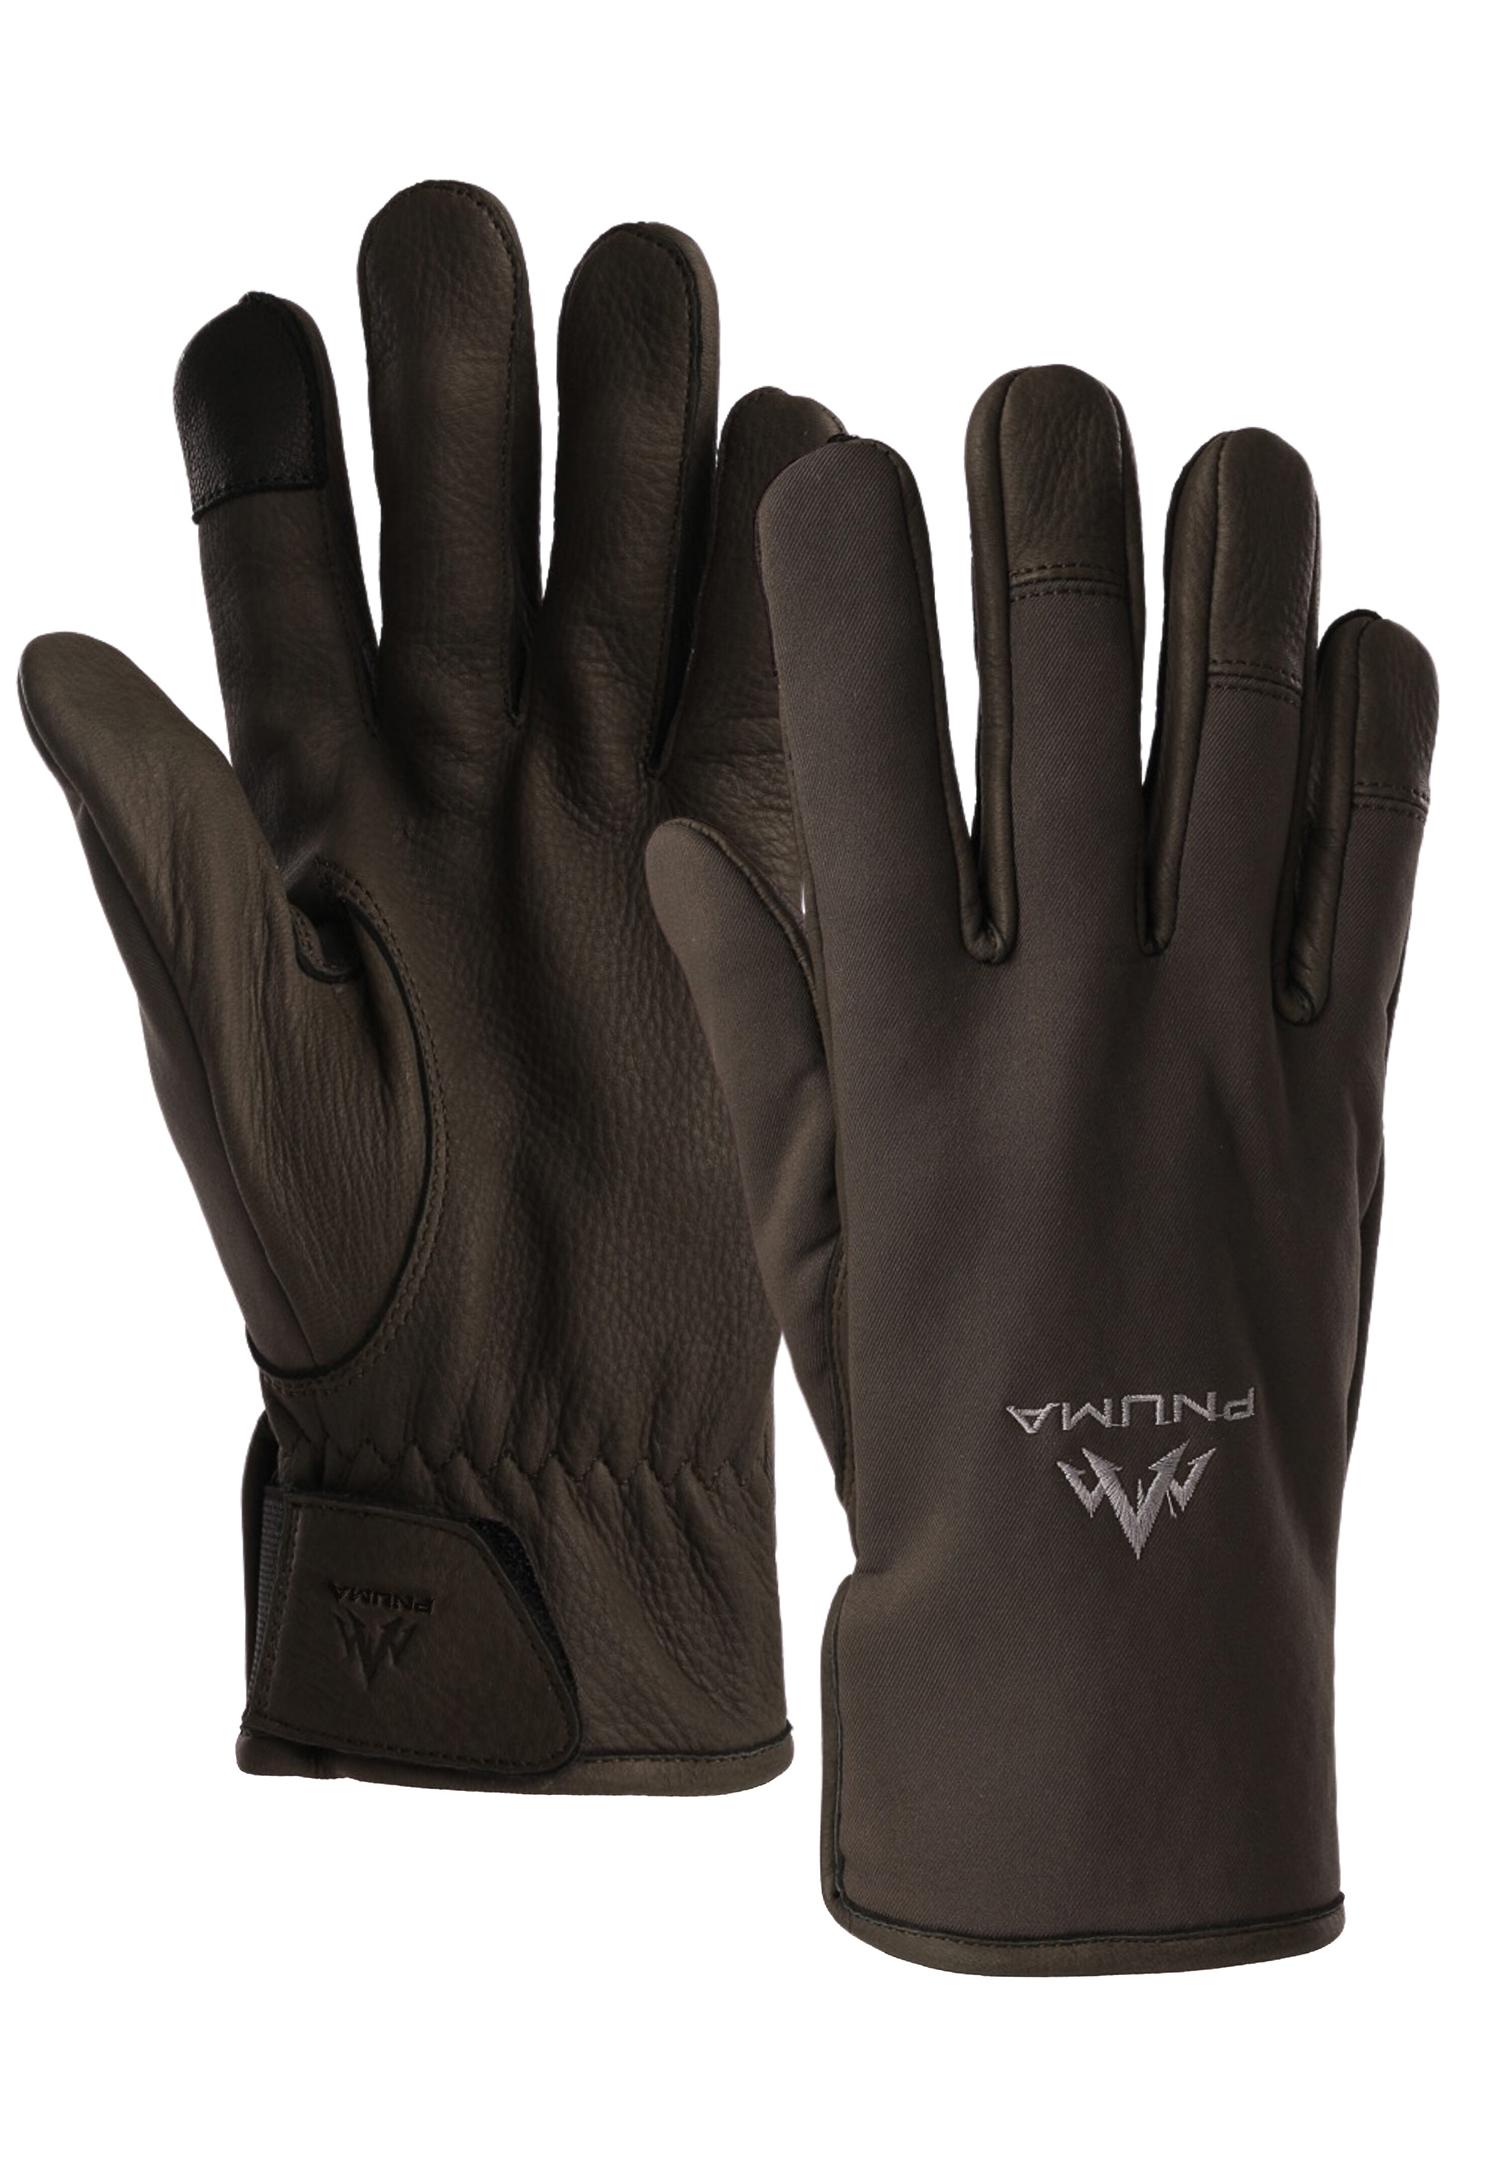 Waypoint Glove - Solid